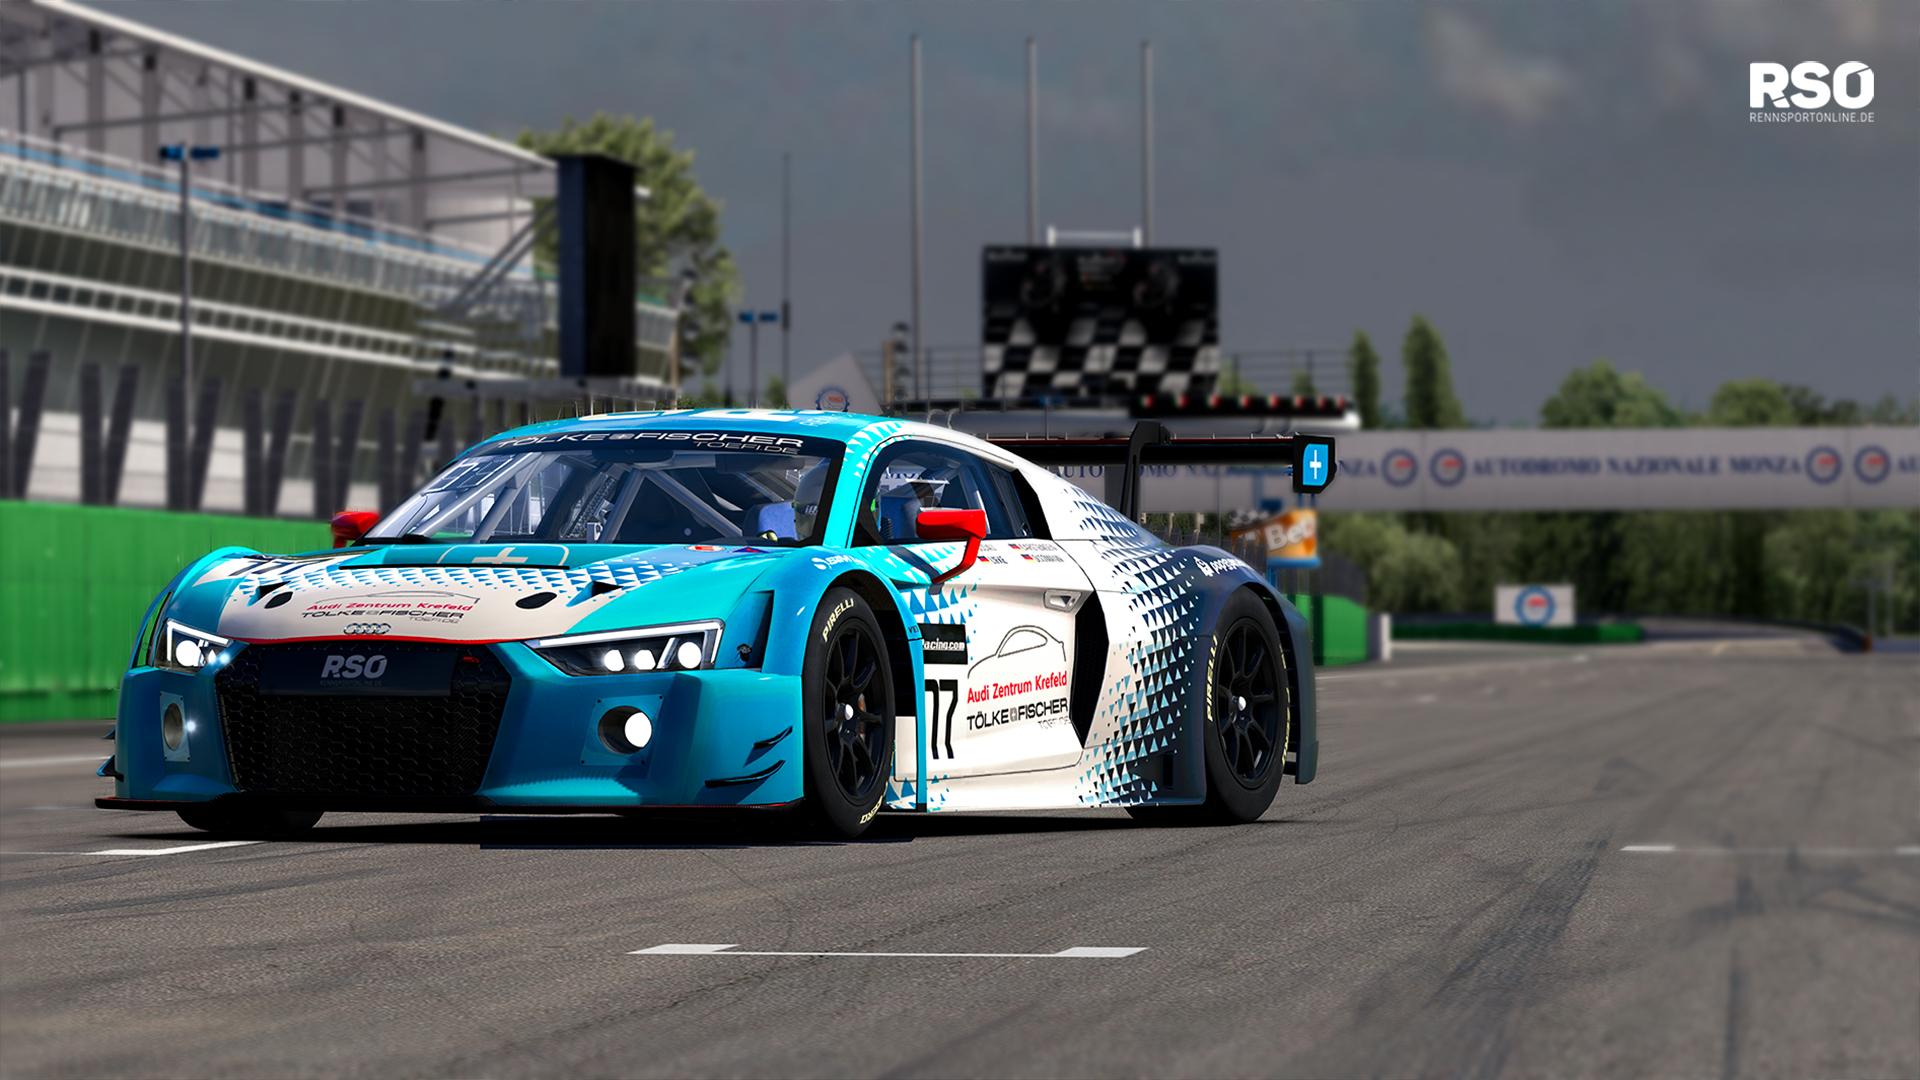 Audi R8 RSO